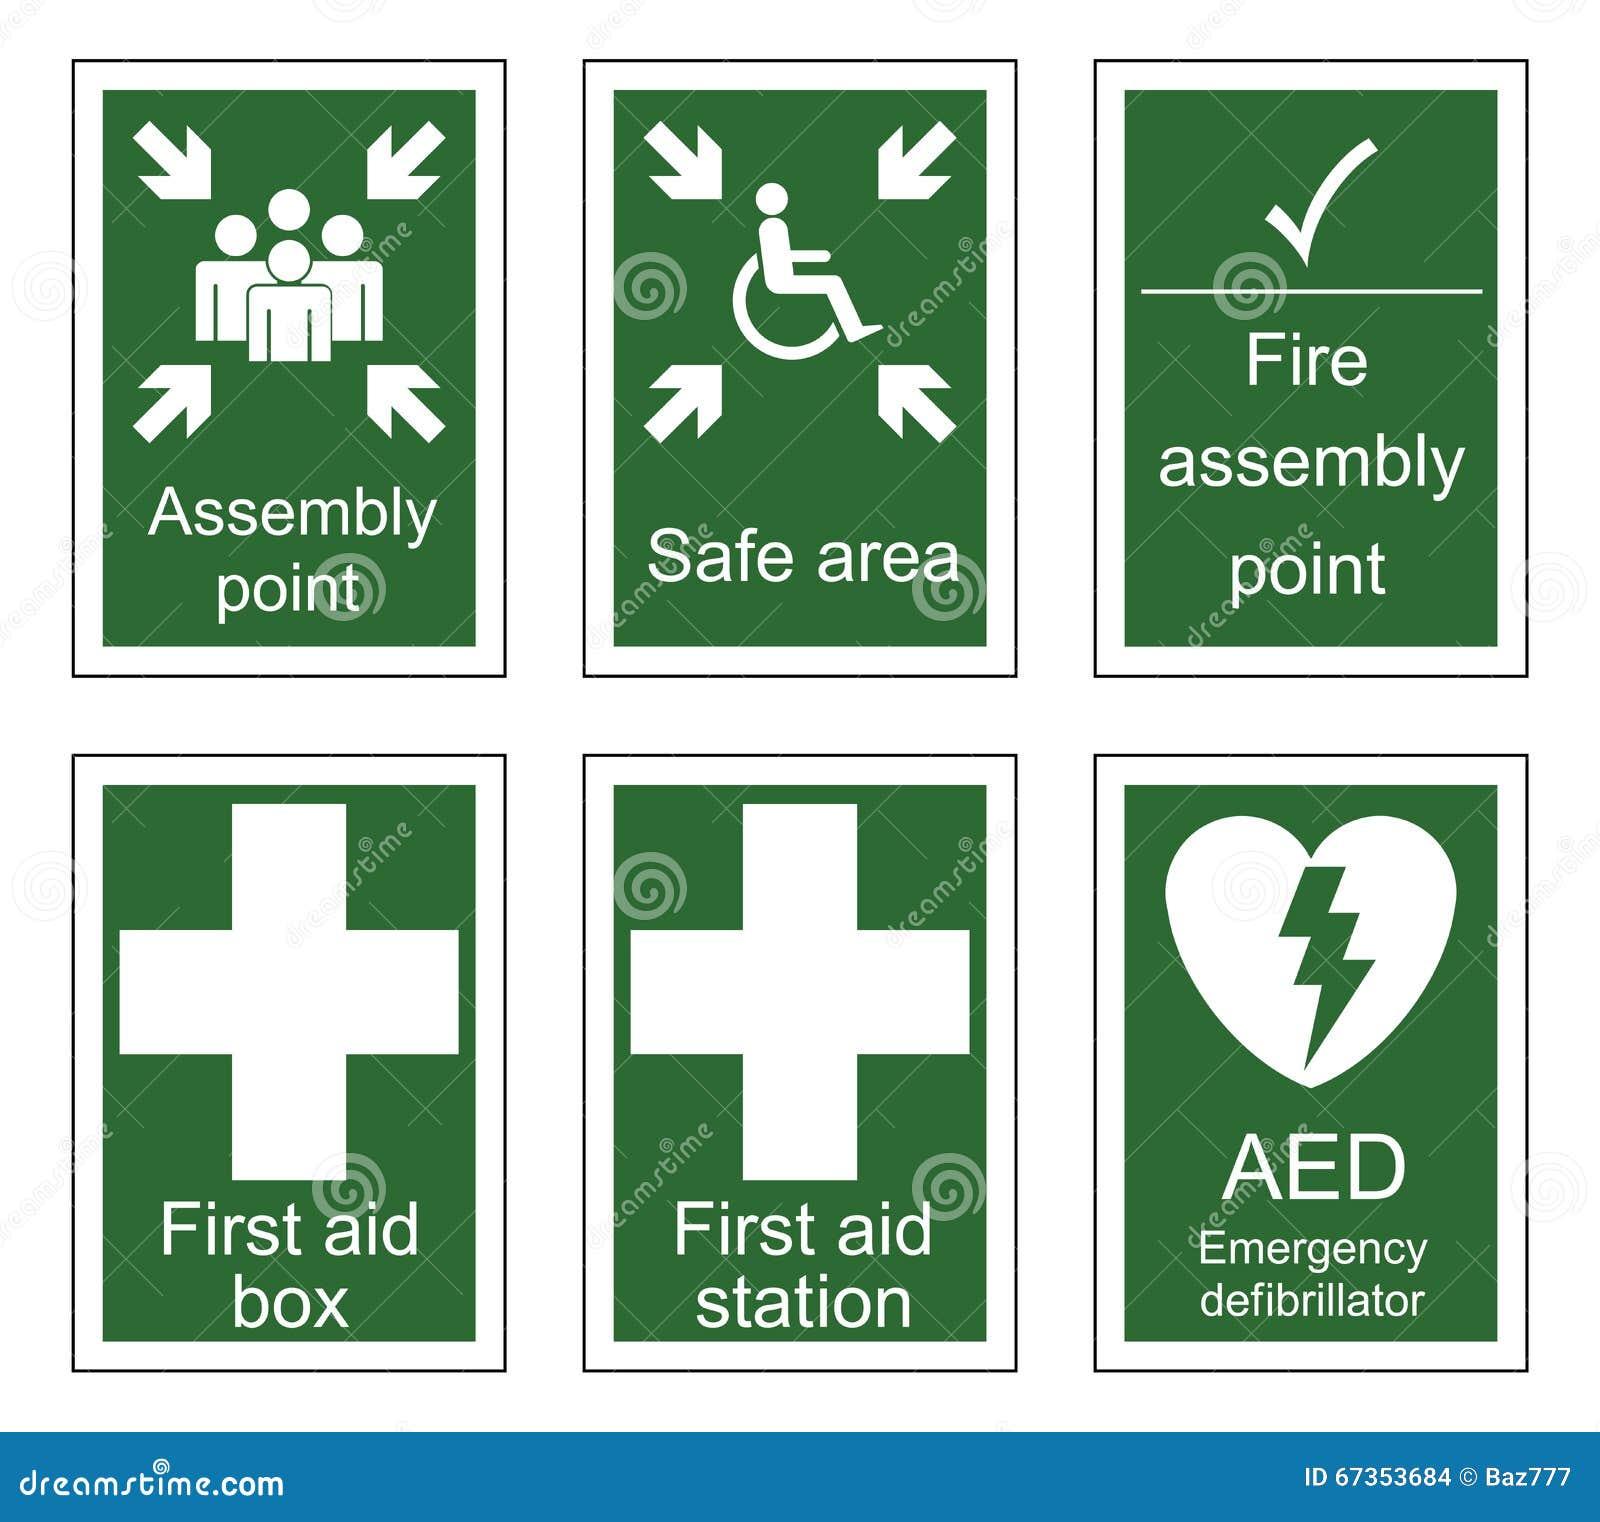 Muestras de los primeros auxilios y de la asamblea